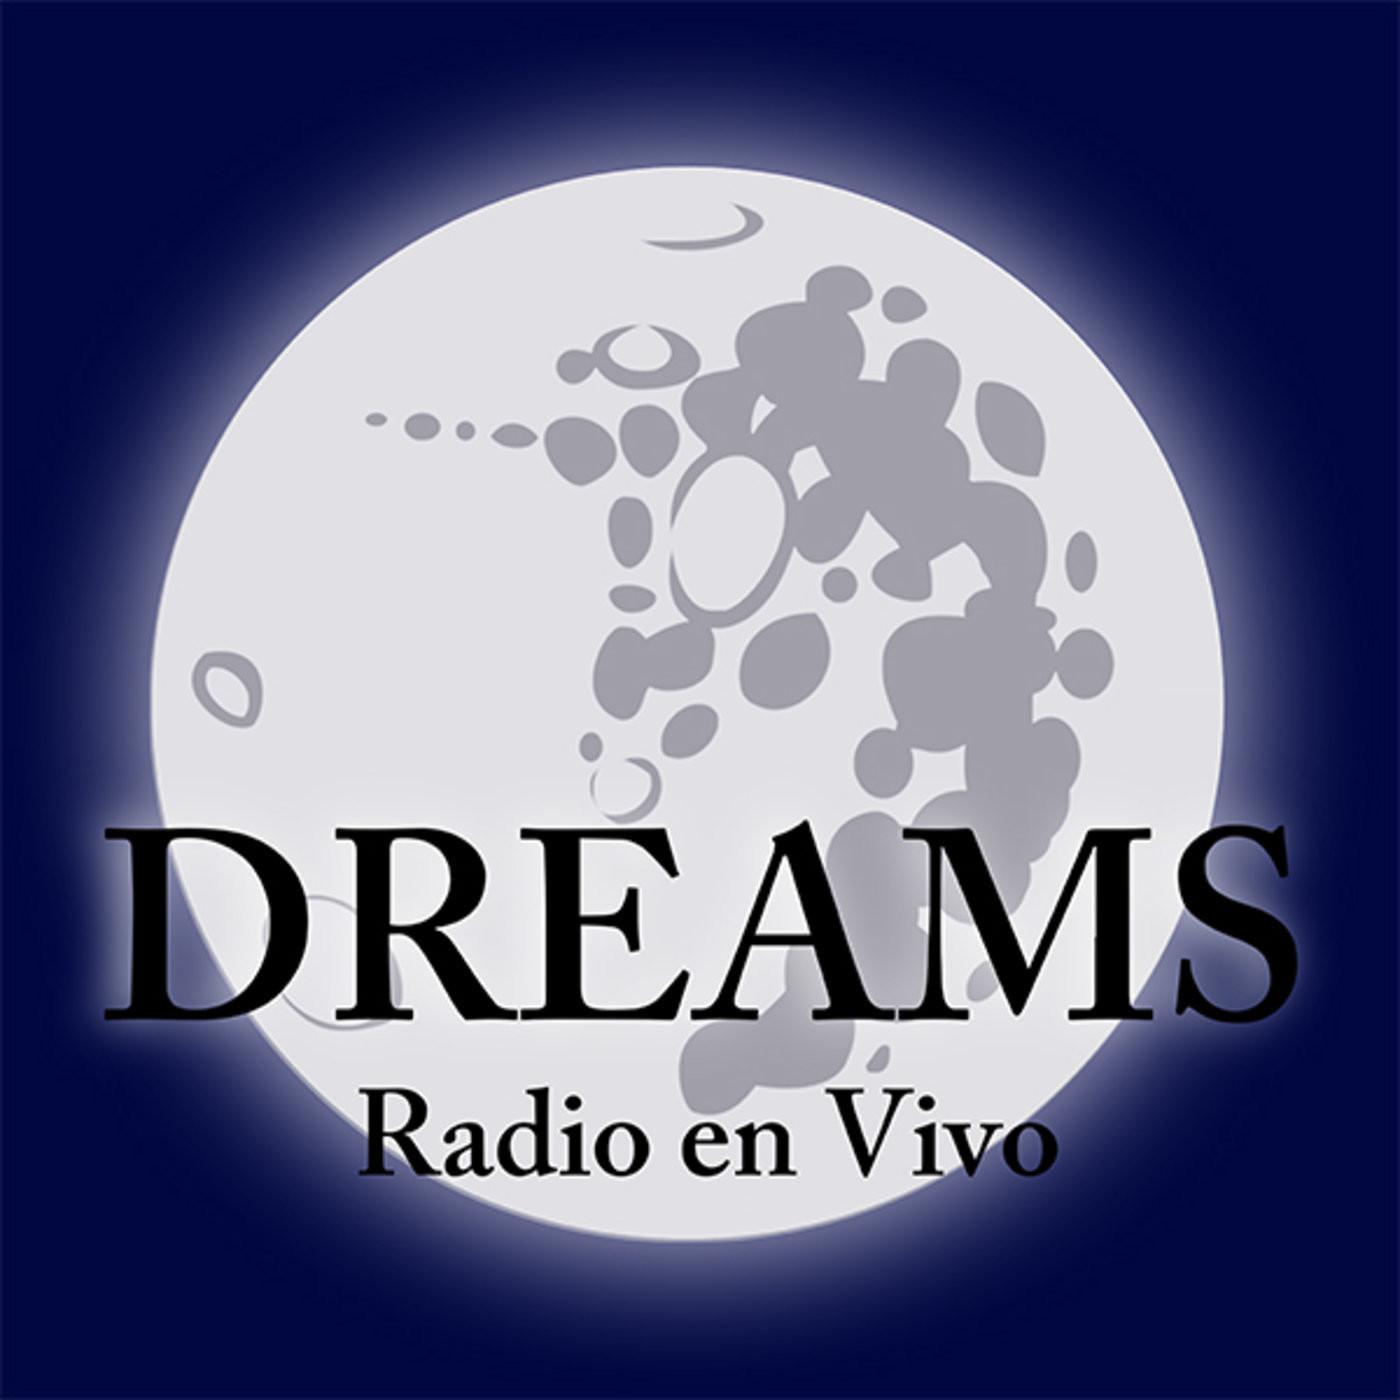 <![CDATA[Dreams en vivo]]>